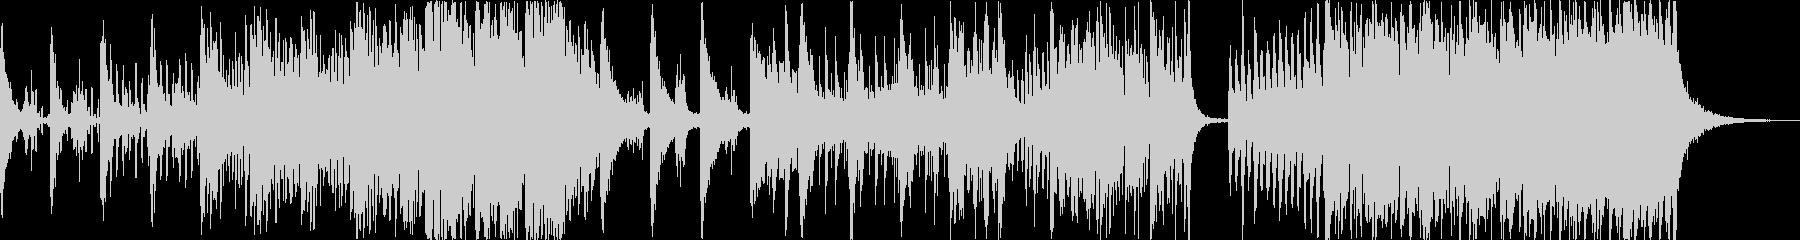 現代の交響曲 劇的な 神経質 ピア...の未再生の波形